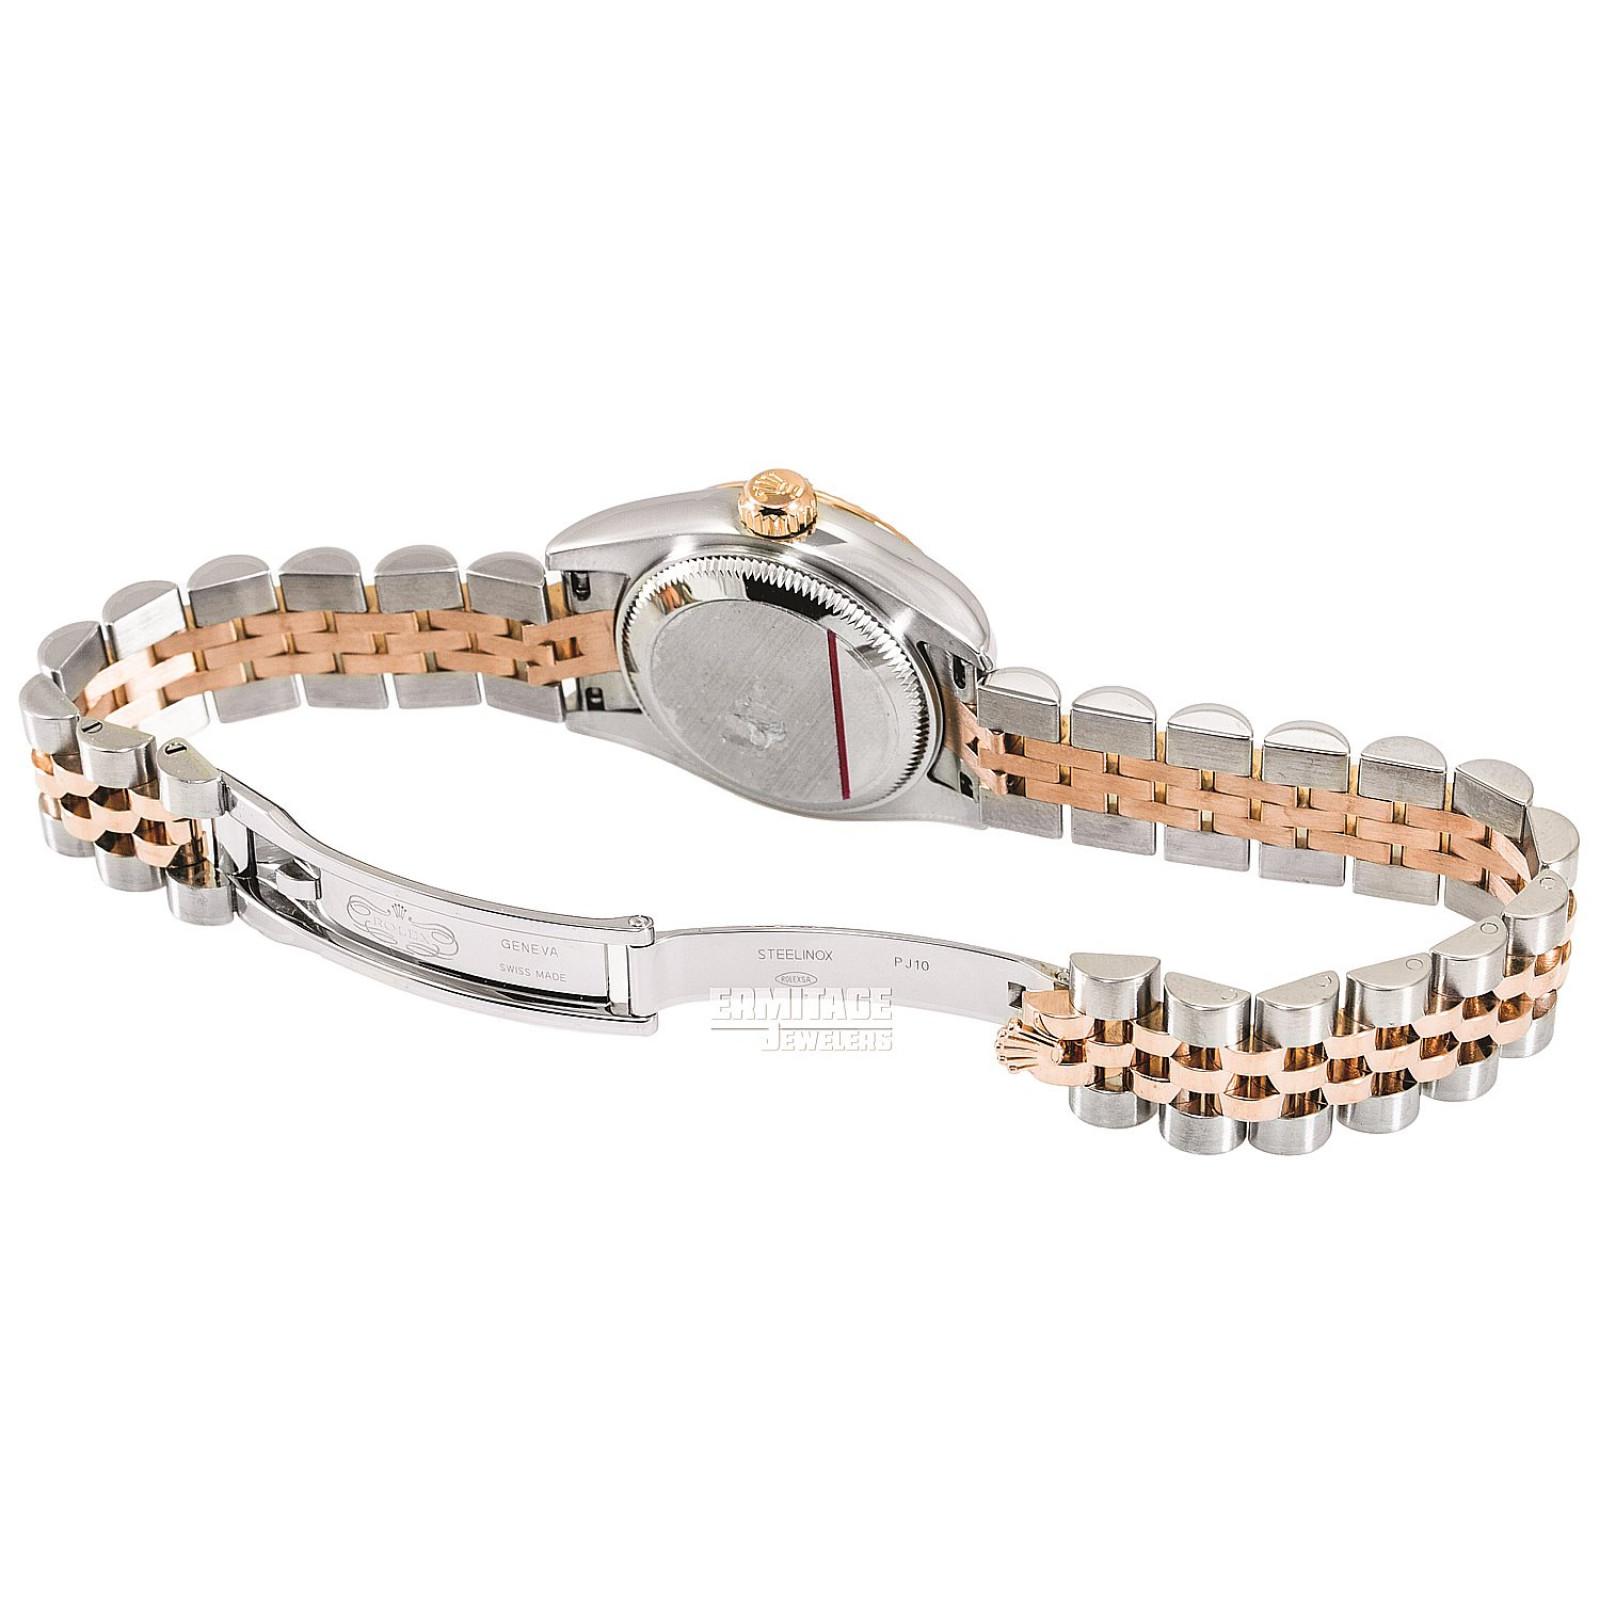 2011 White Rolex Datejust Ref. 179171